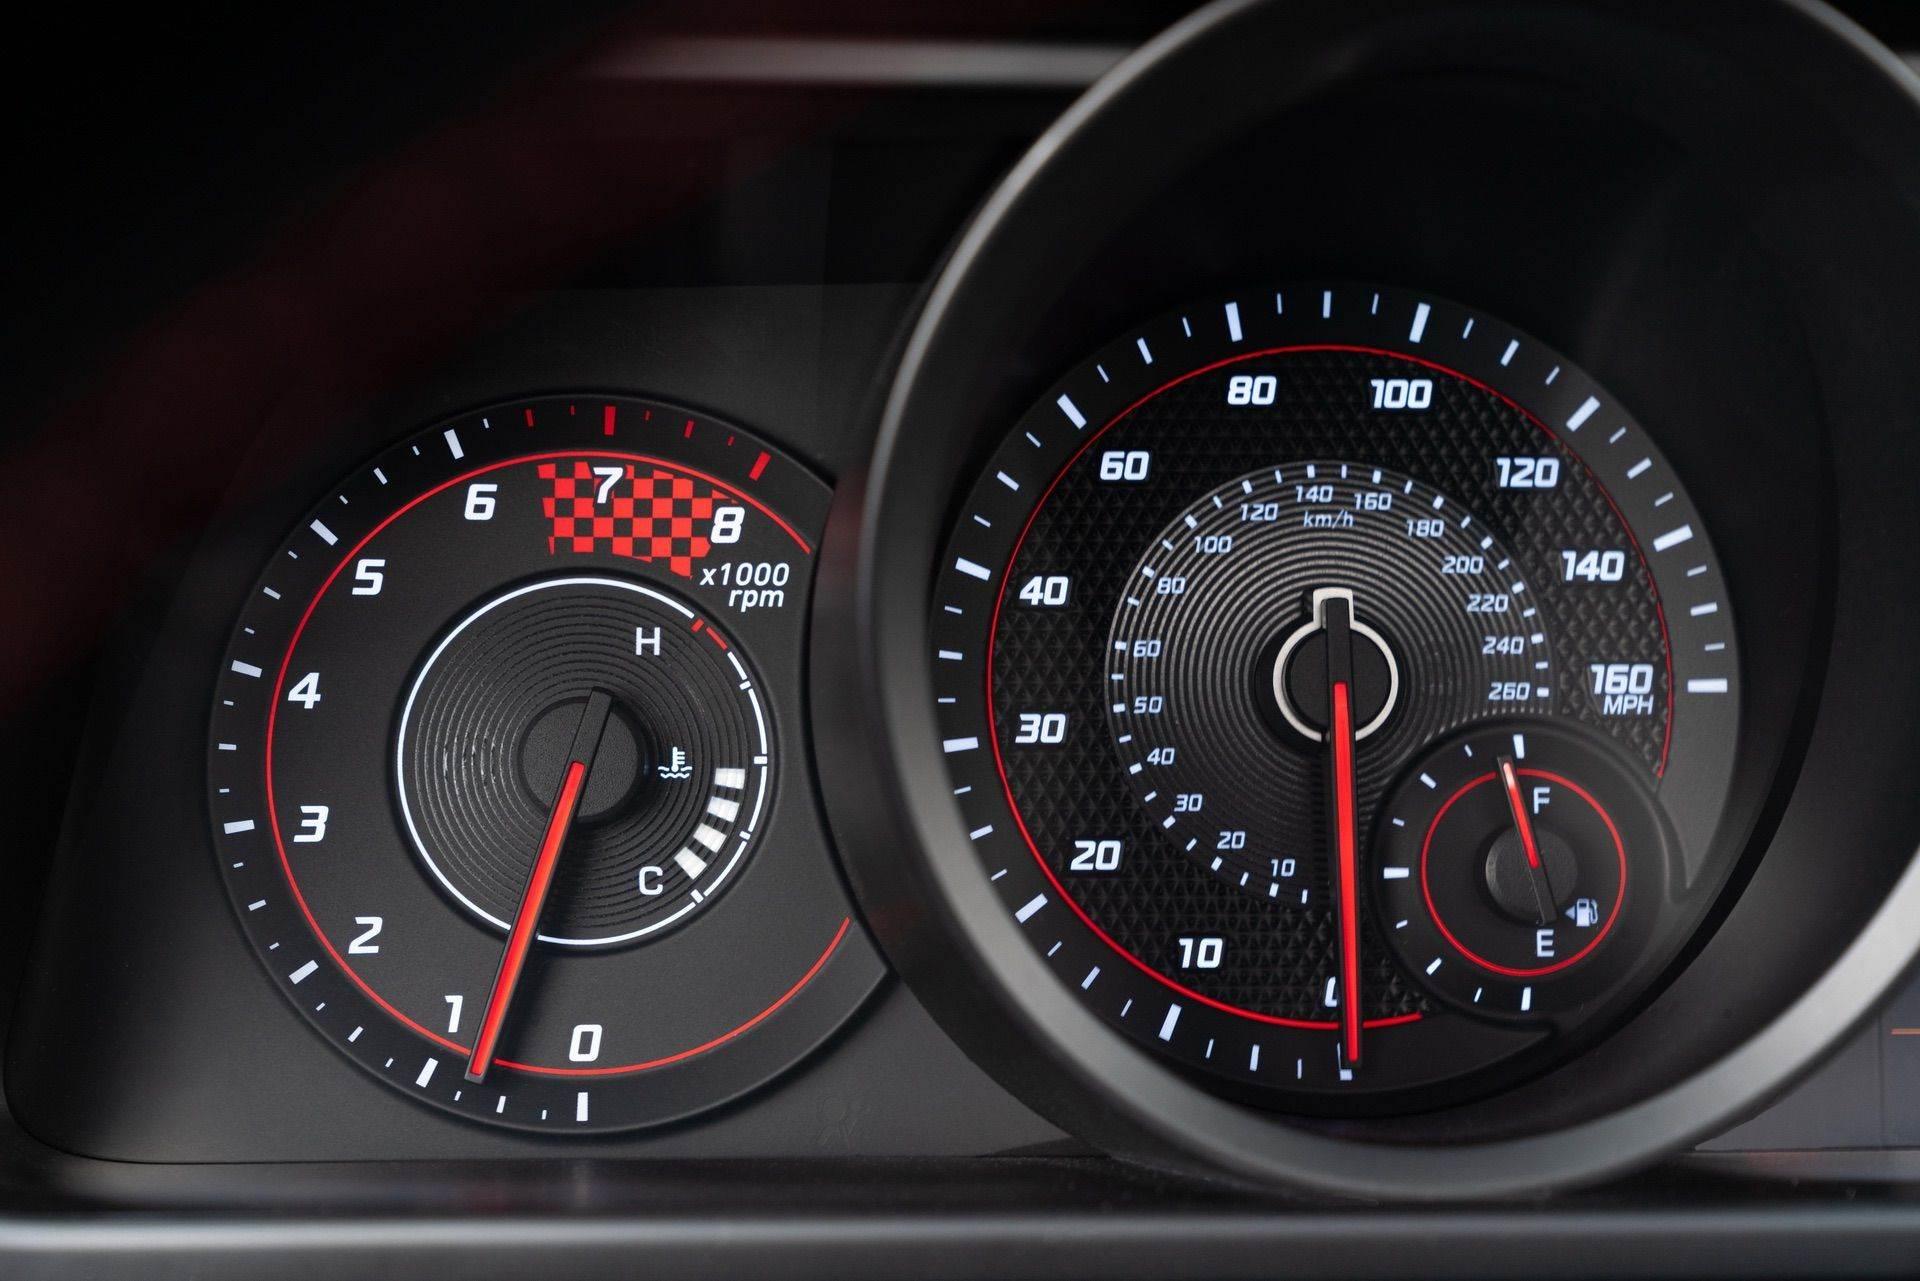 Hyundai-Elantra-N-Line-i30-Sedan-66